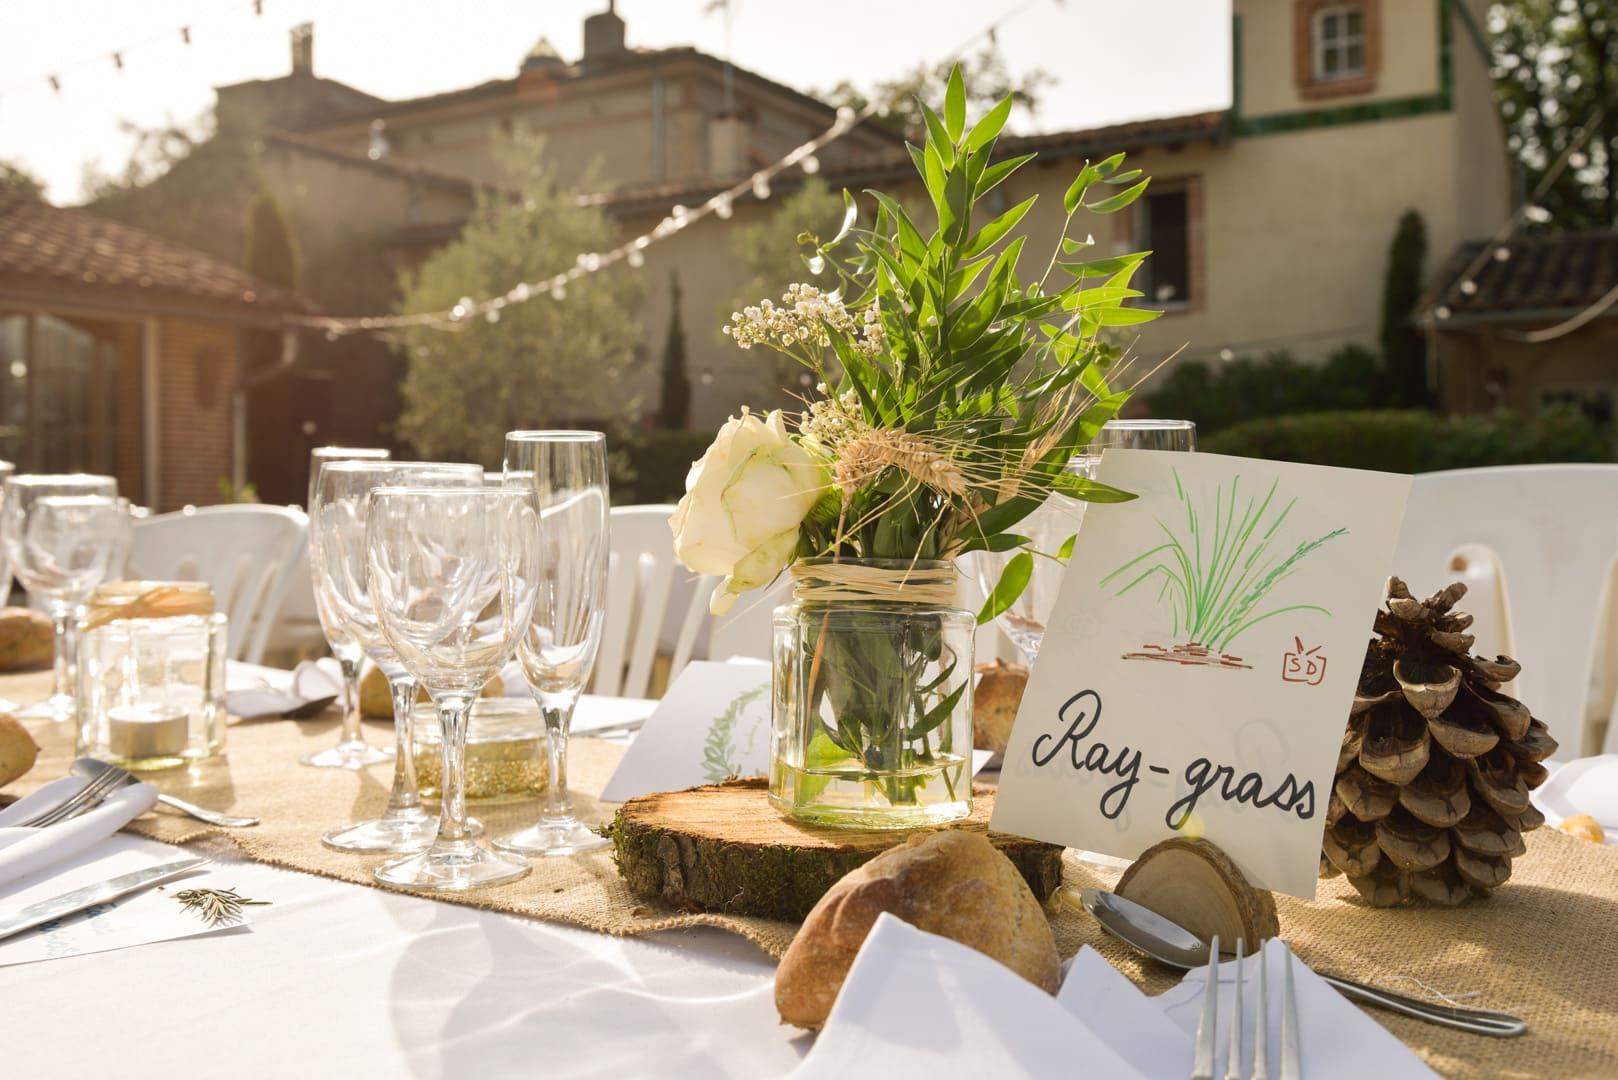 Décoration table mariage, Domaine du T, Balma